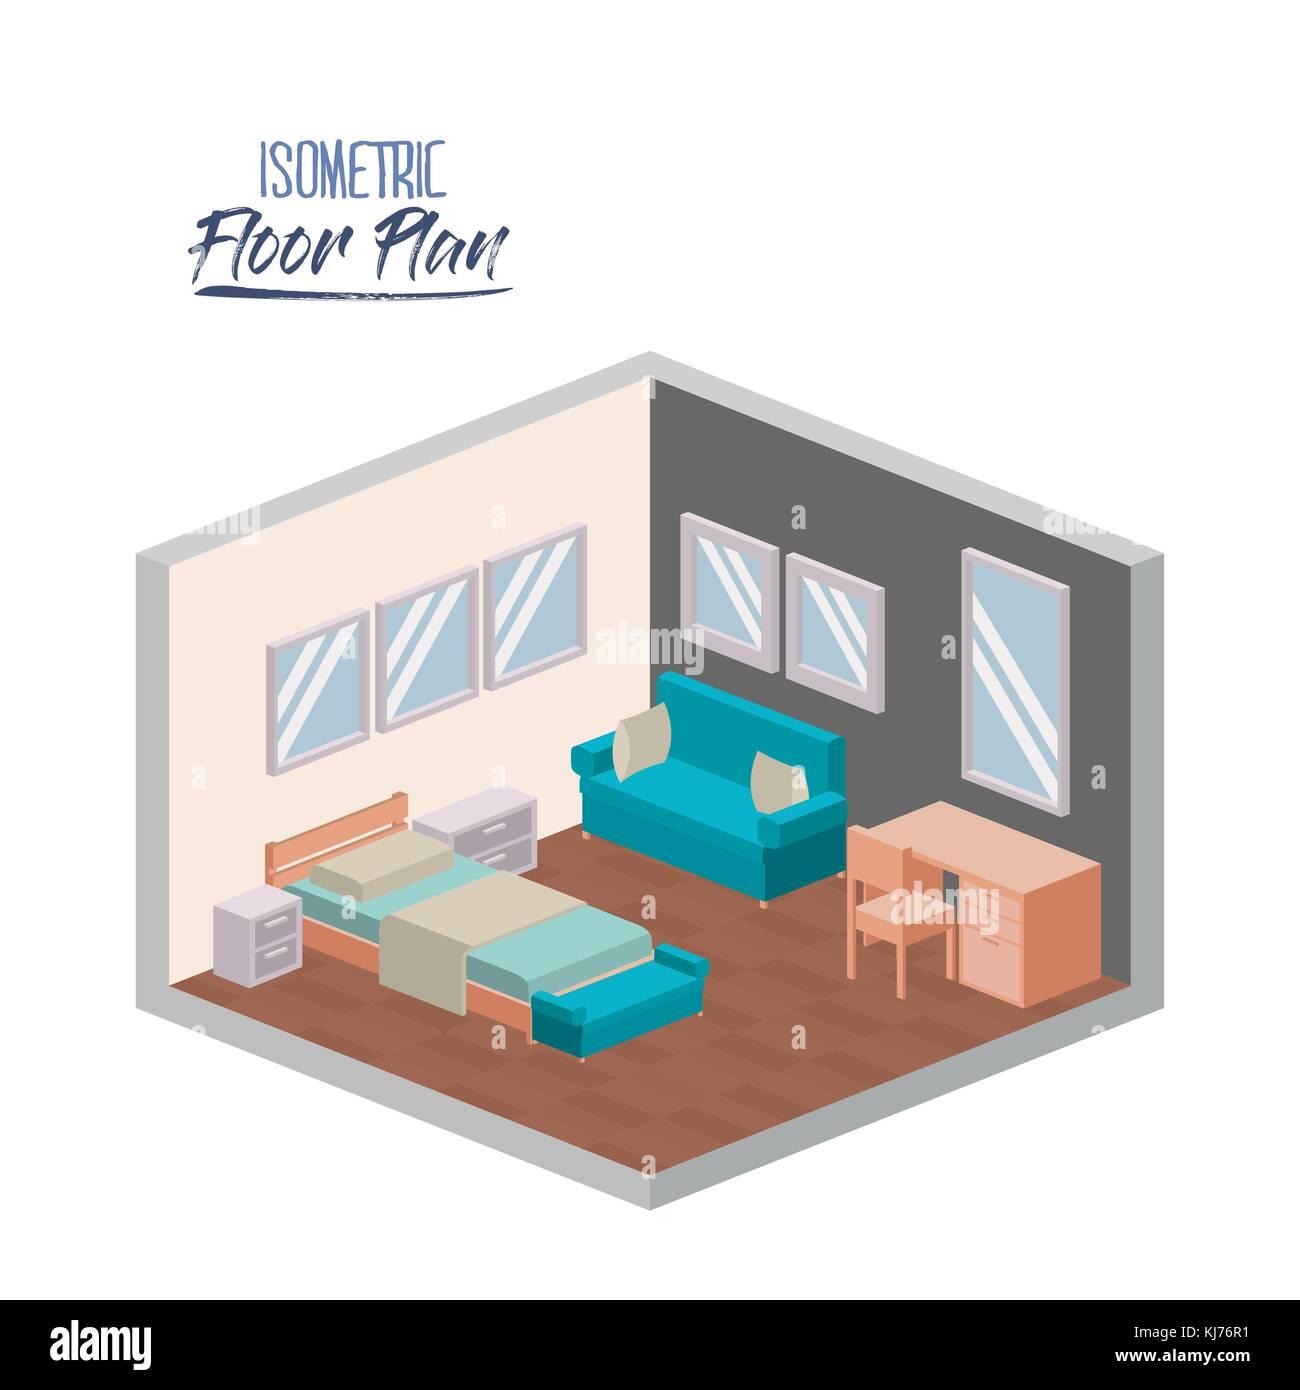 Isometrische Grundriss Vom Schlafzimmer Innenraum Farbenfrohe Silhouette